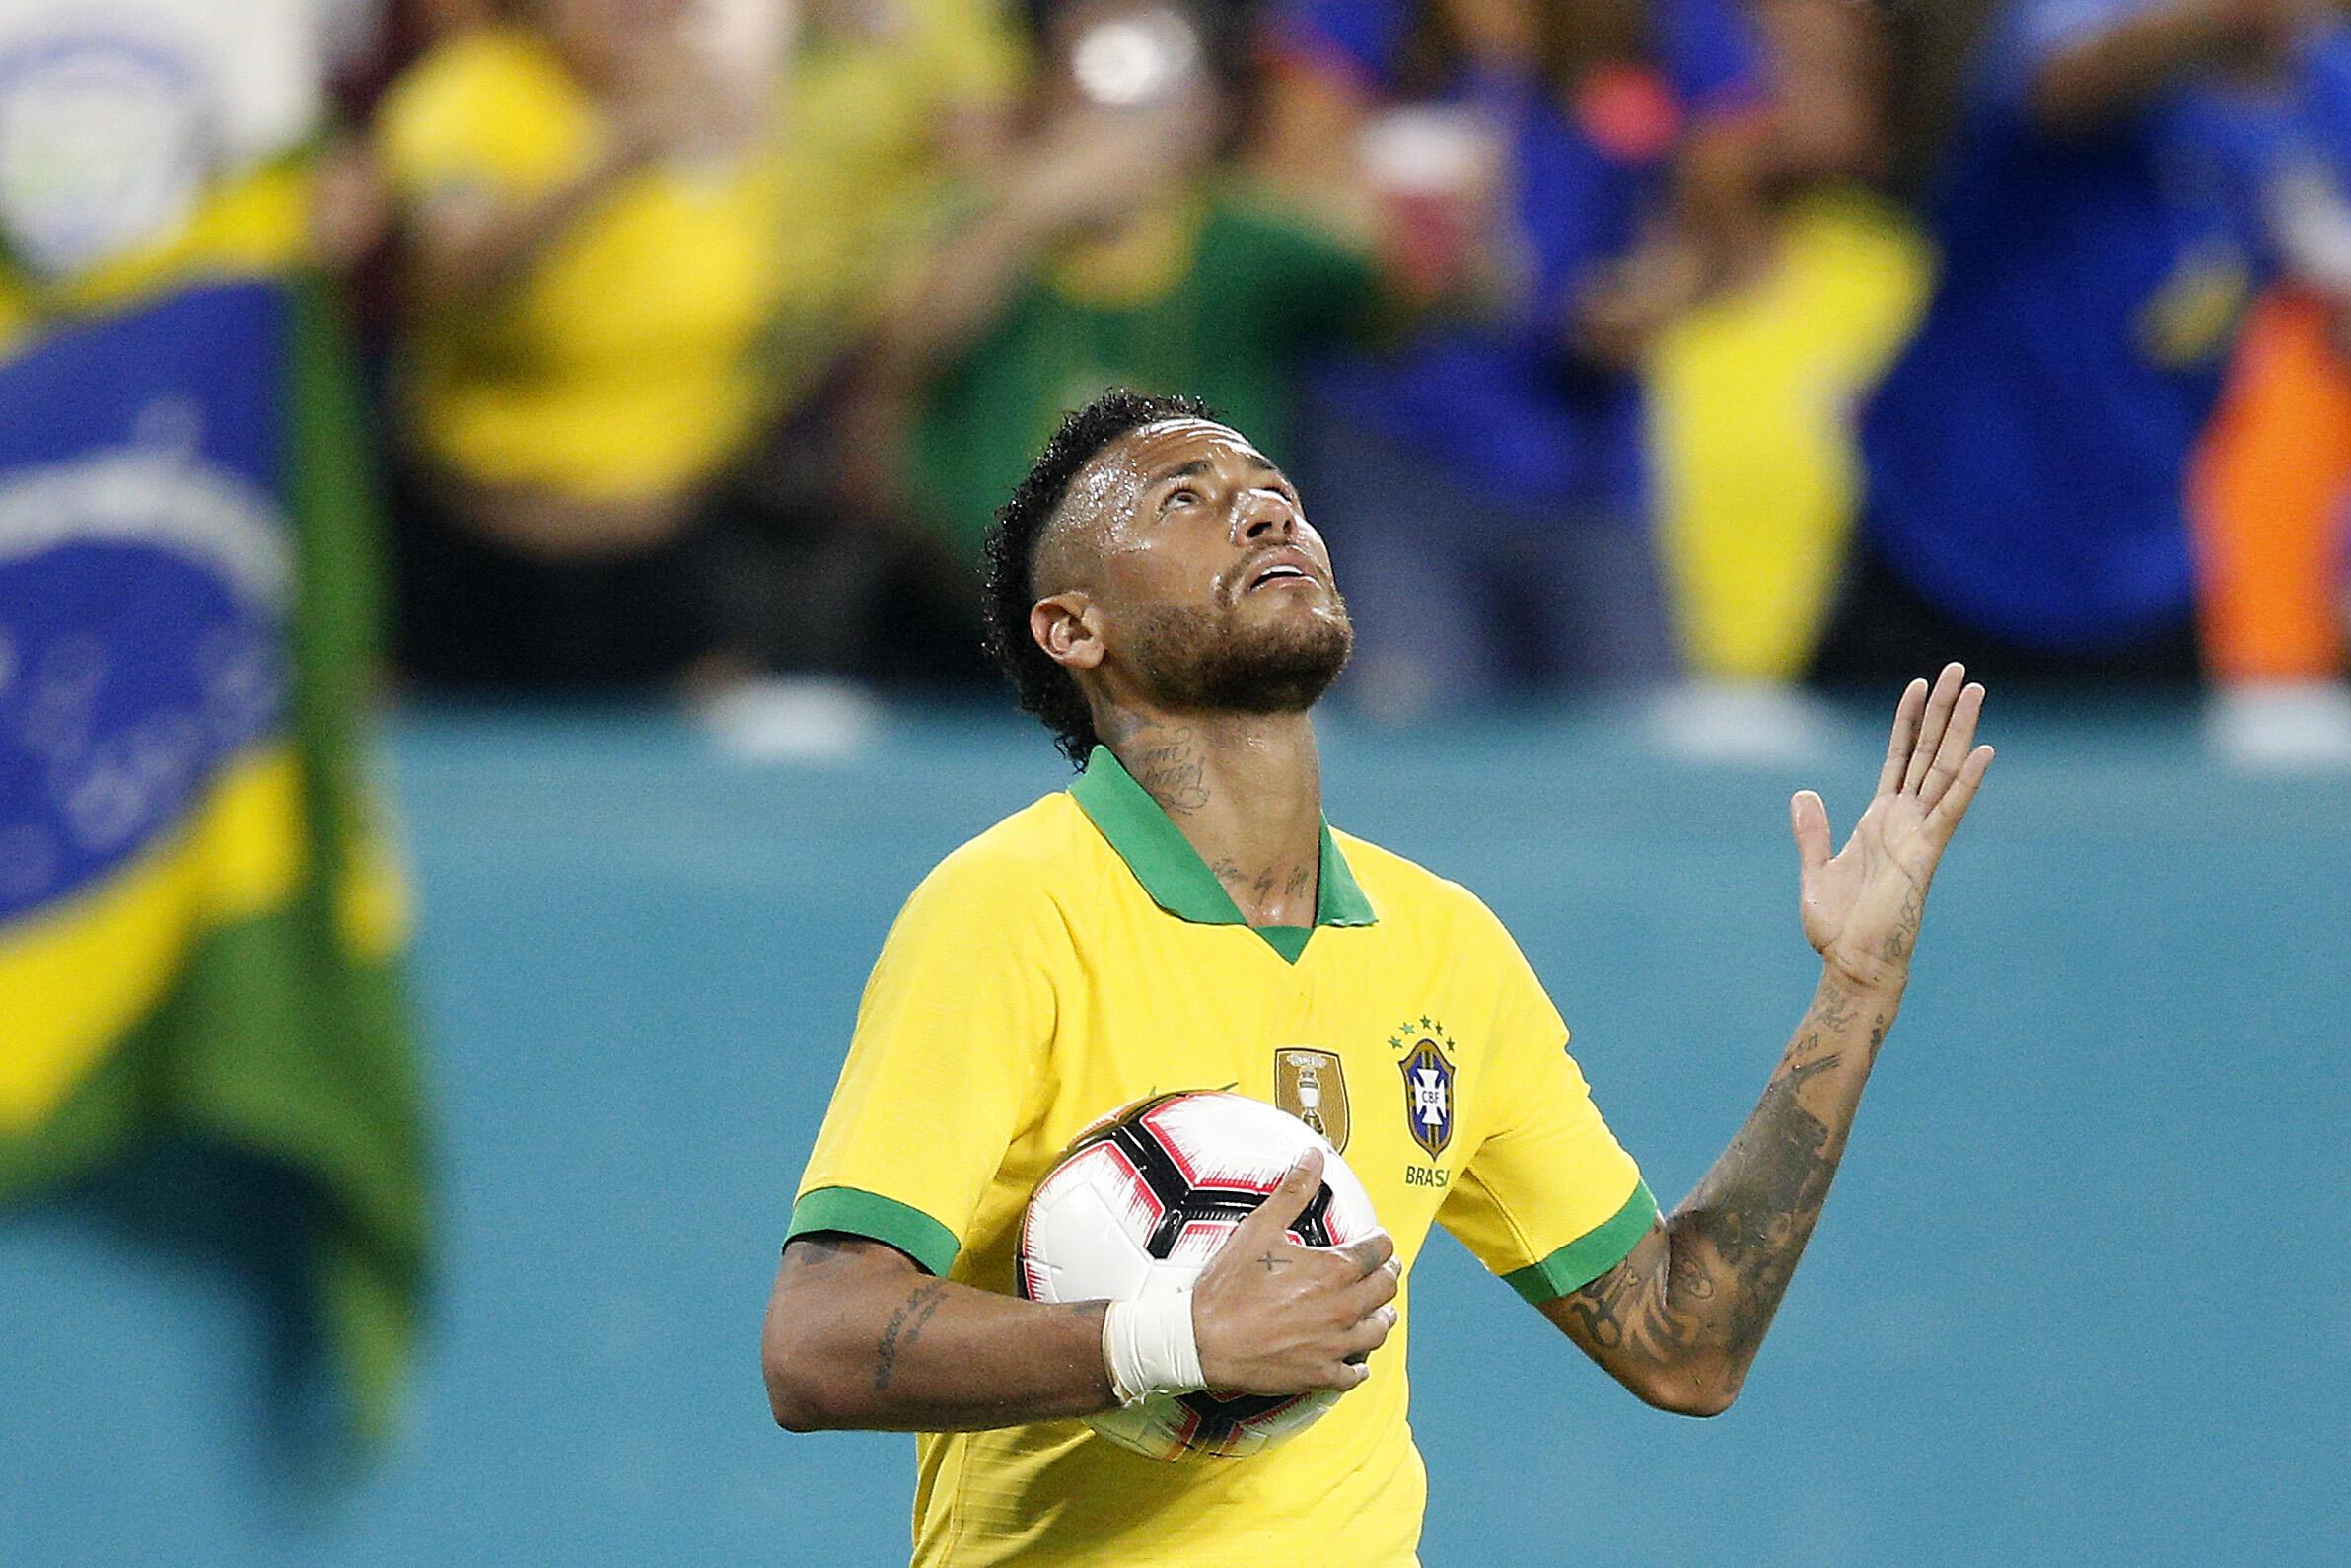 L'attaquant brésilien Neymar, après avoir égalisé contre la Colombie, lors de leur match amical, le 6 septembre 2019 au Hard Rock Stadium à Miami